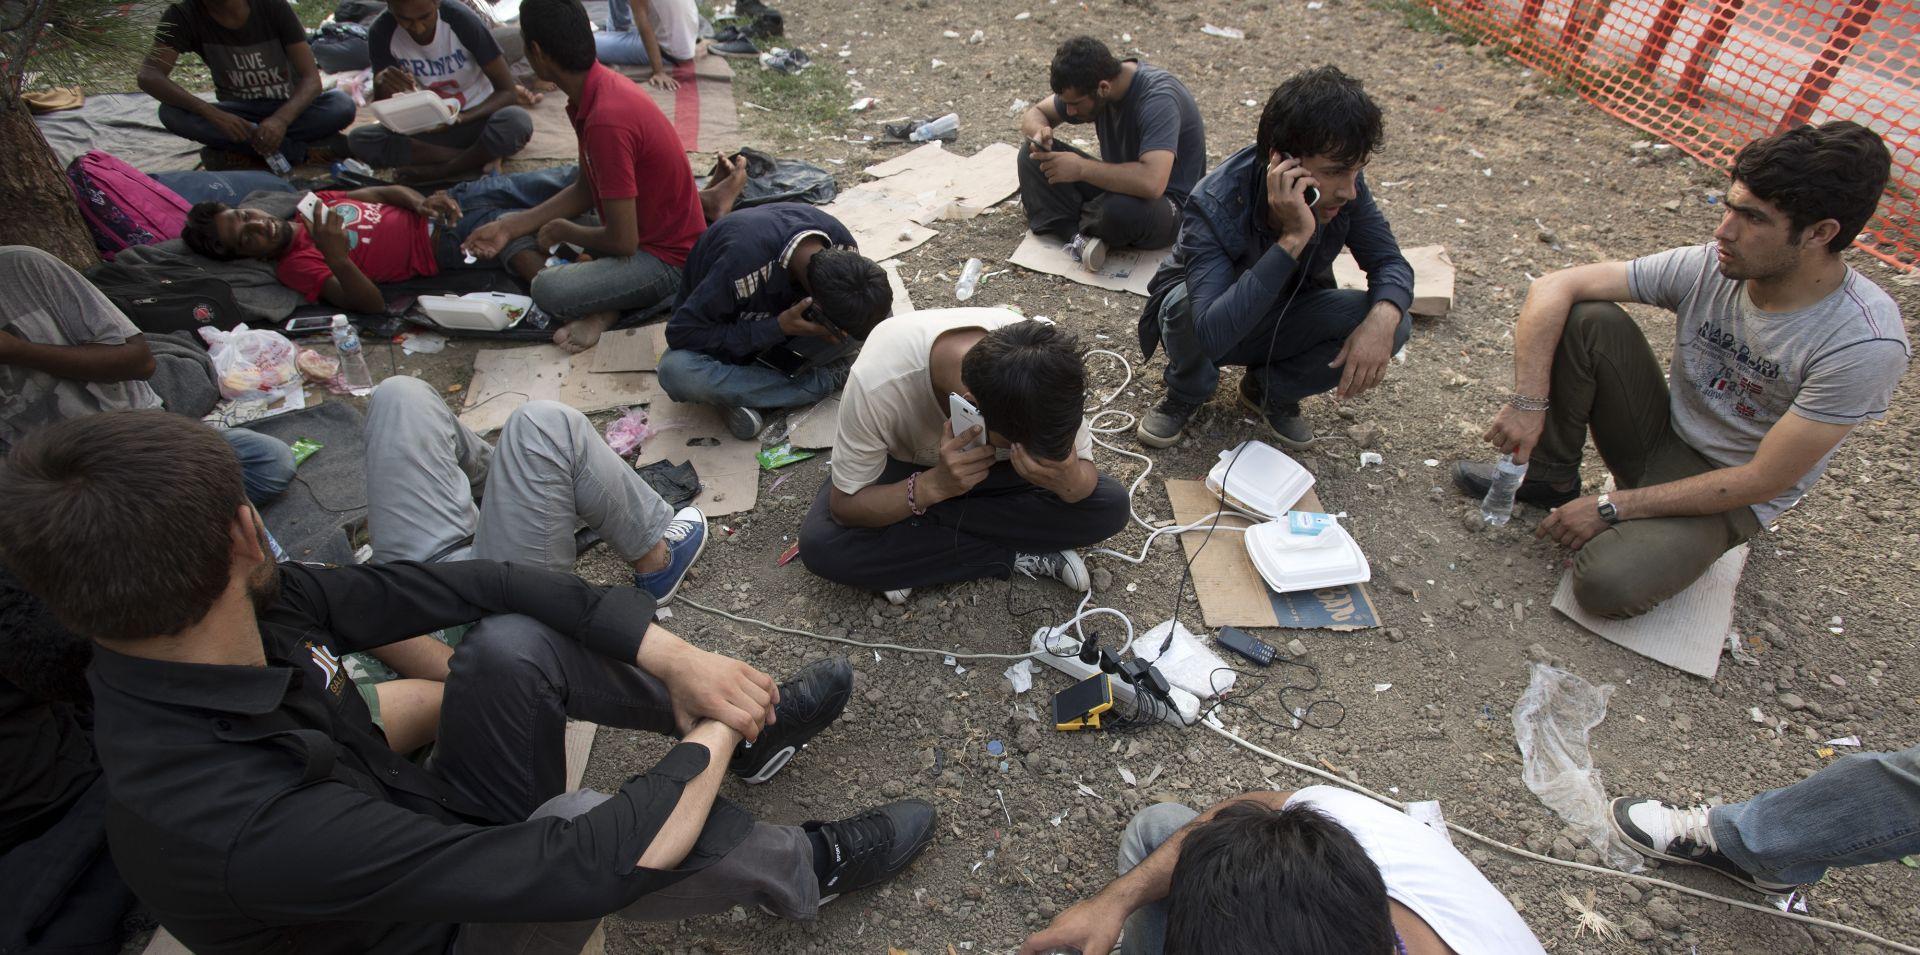 UHIĆENI DVOJAC Preko granice pokušali prebaciti 11 Afganistanaca i troje djece